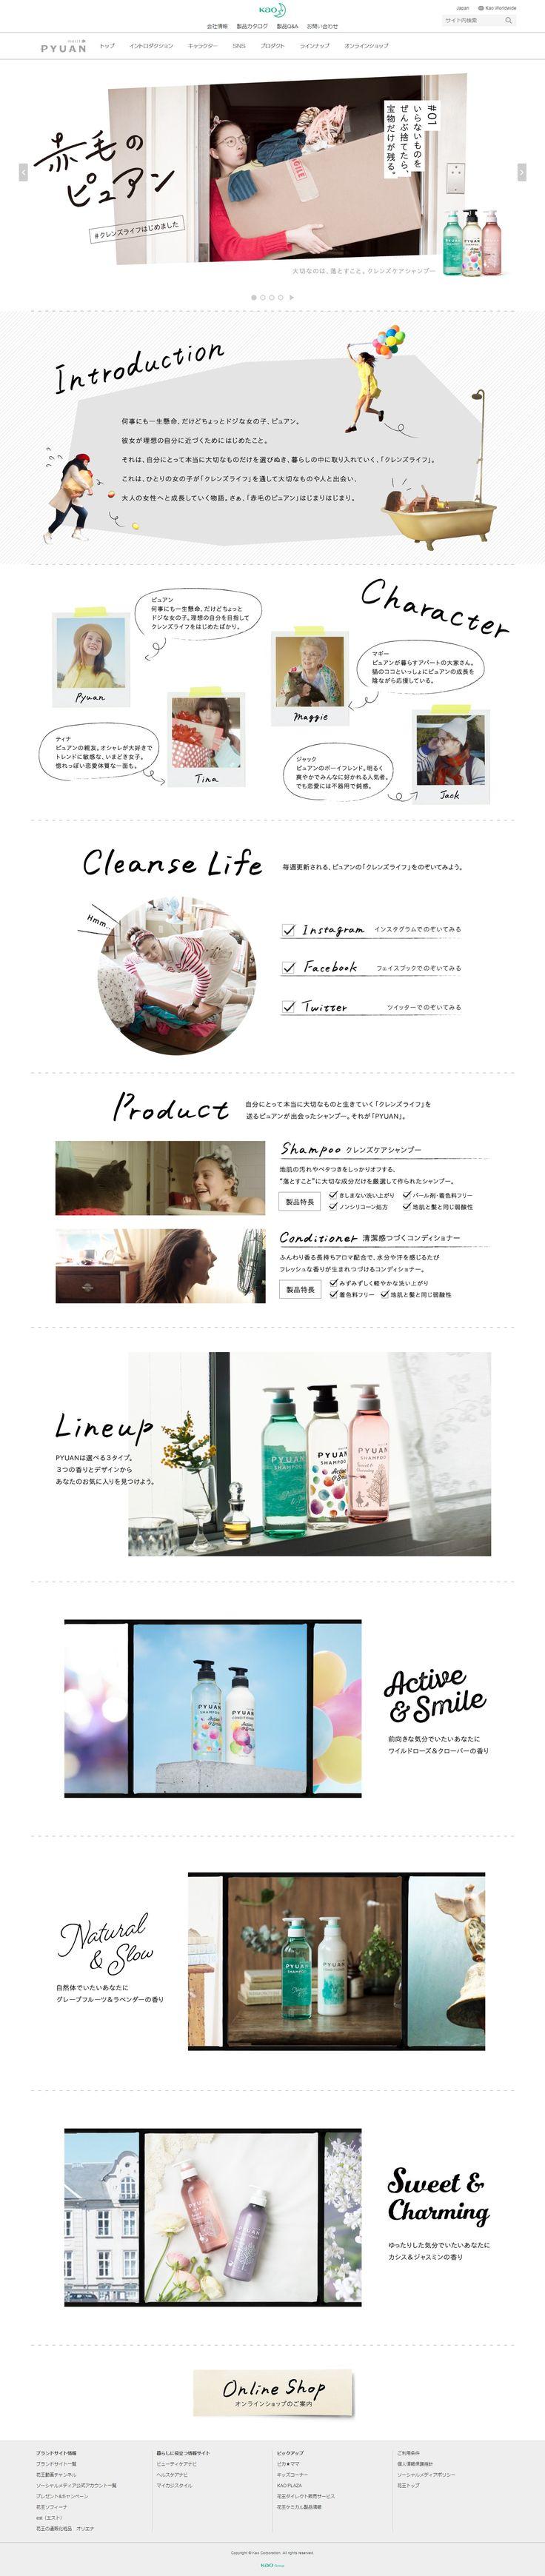 花王|メリット ピュアン|ブランドサイト http://www.kao.co.jp/pyuan/#top